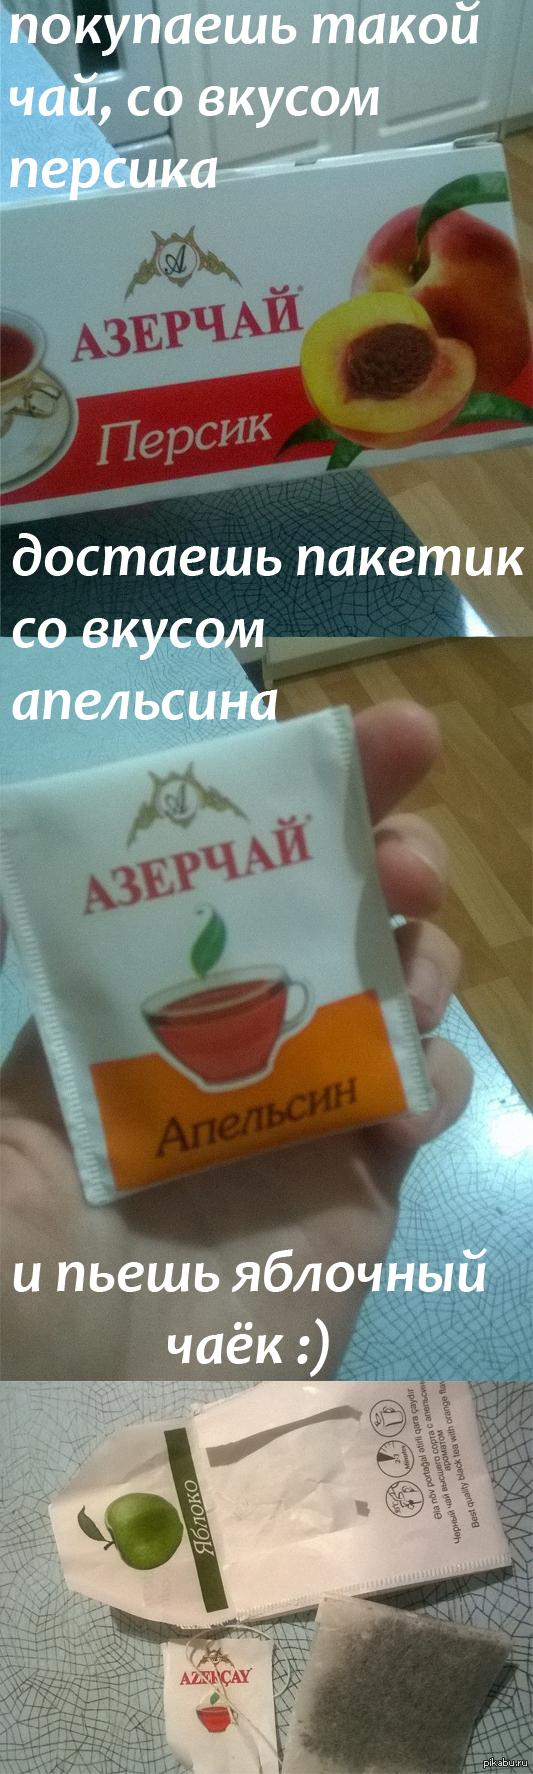 Чайная загадочка)